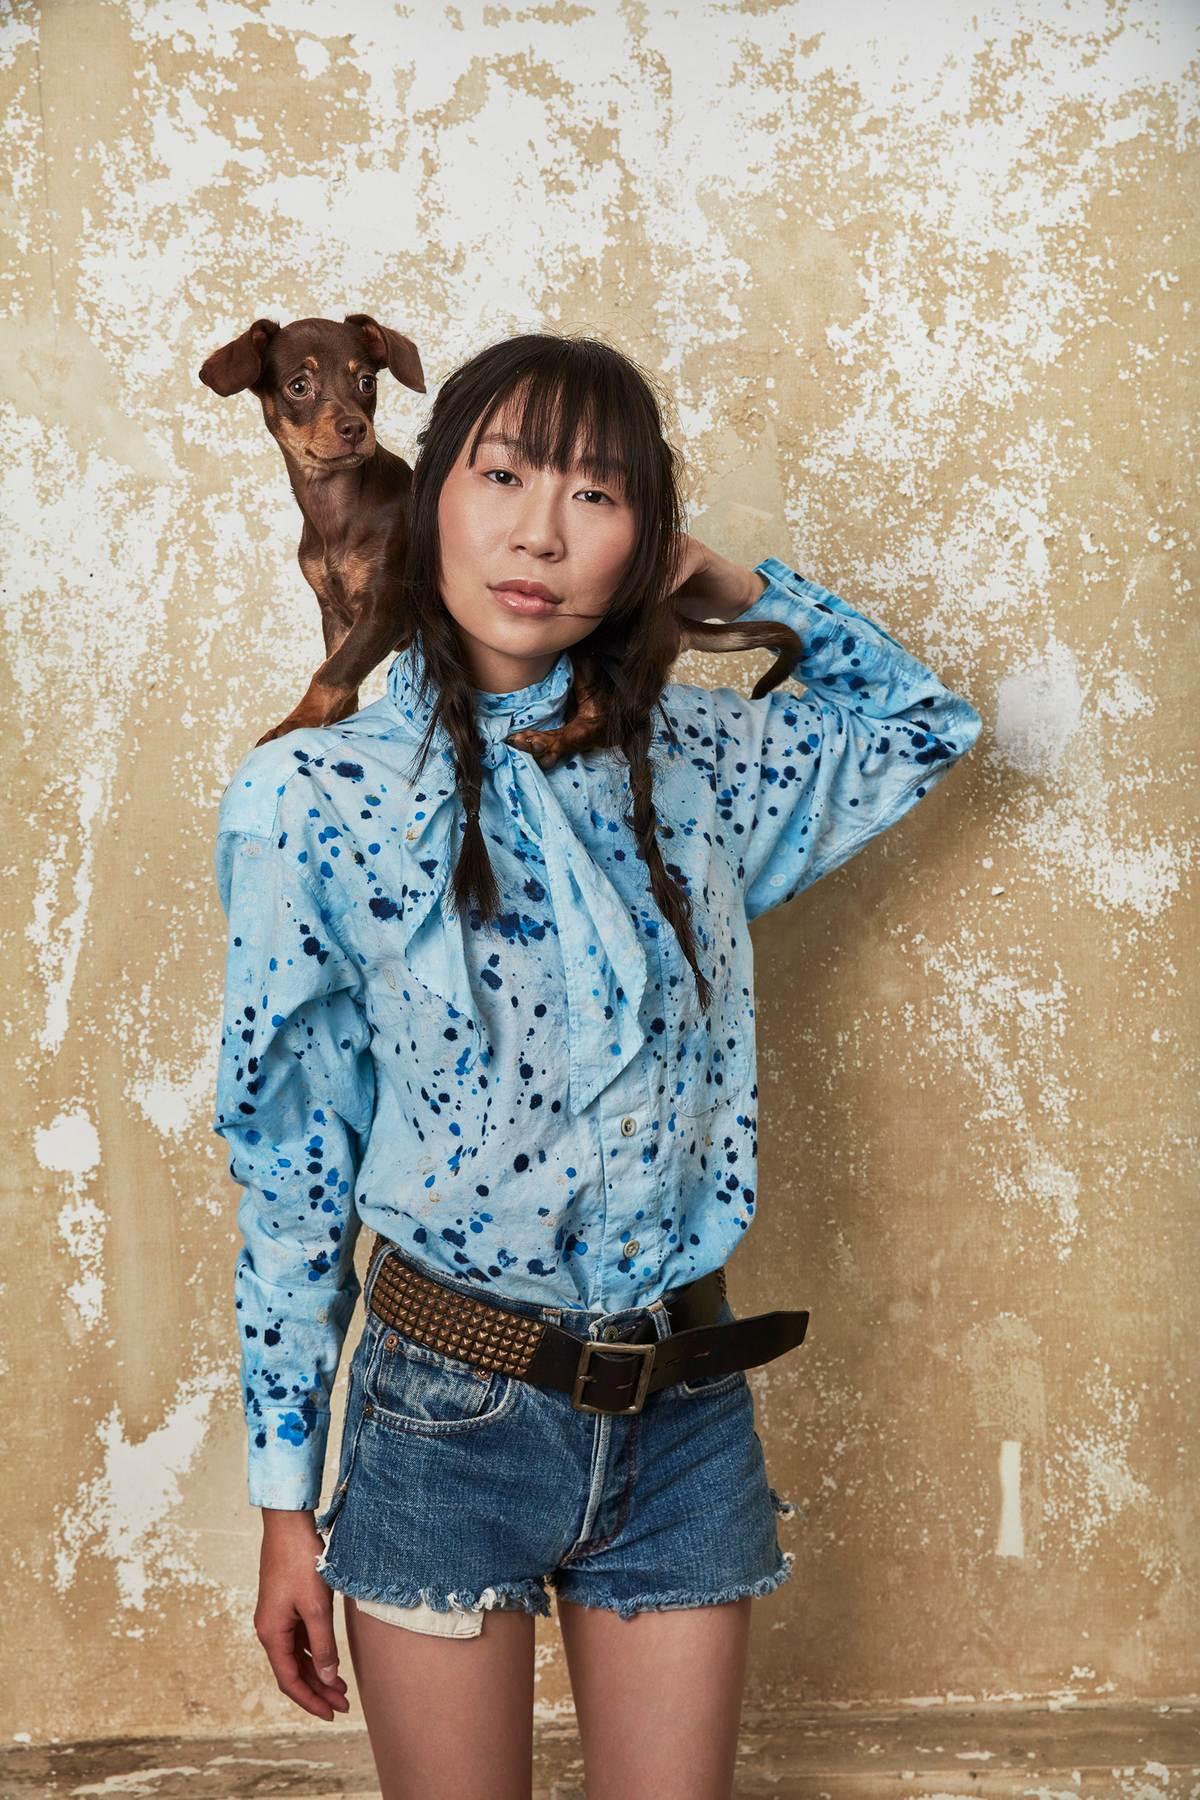 Portrait_pet_DOG_pandemic_project_best_friend_photographer_female_los_angeles.jpg